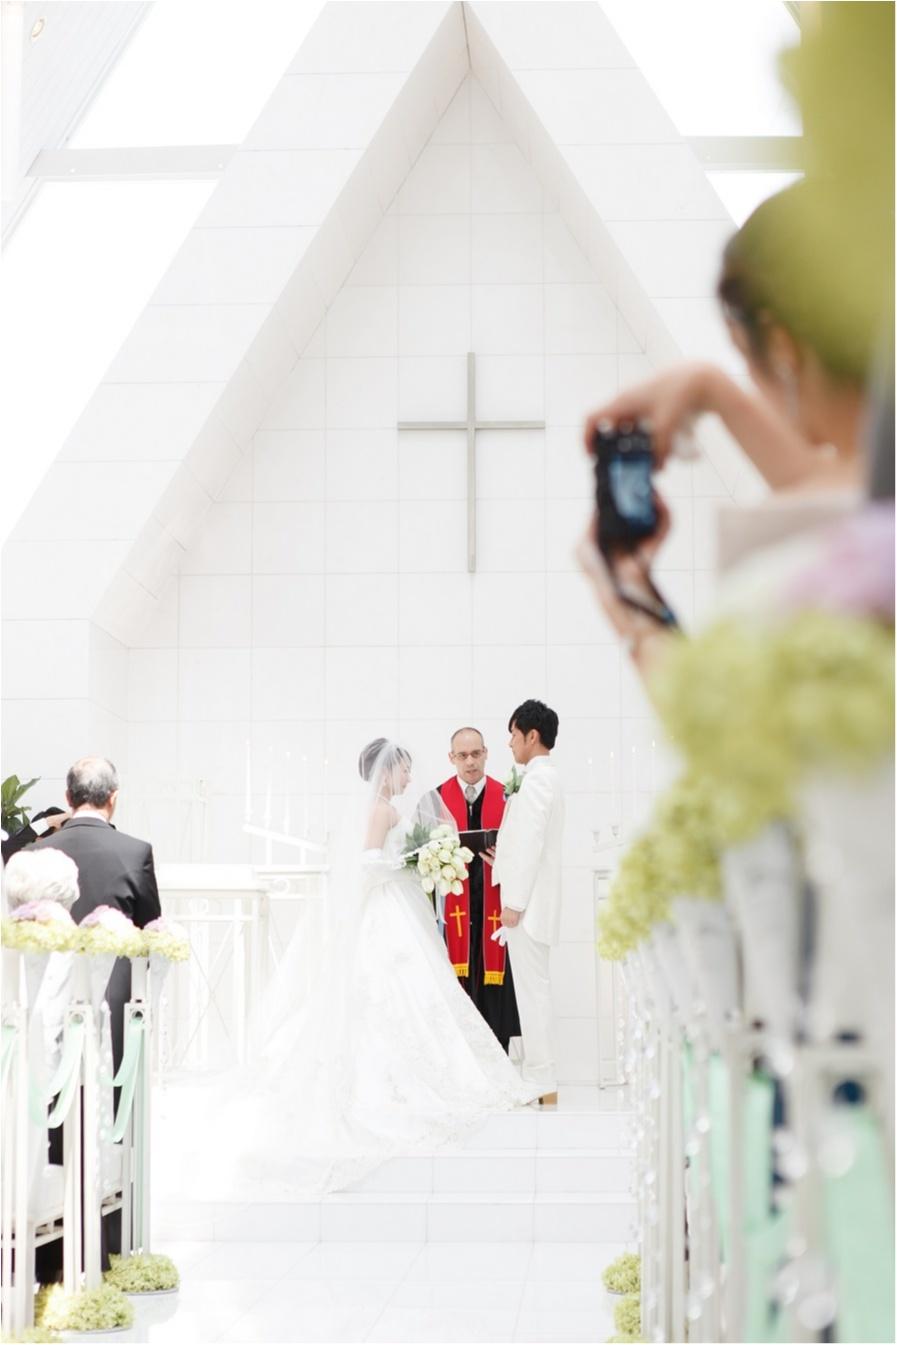 【2】都心のど真ん中で独立型チャペルでの挙式が叶う!#さち婚_7